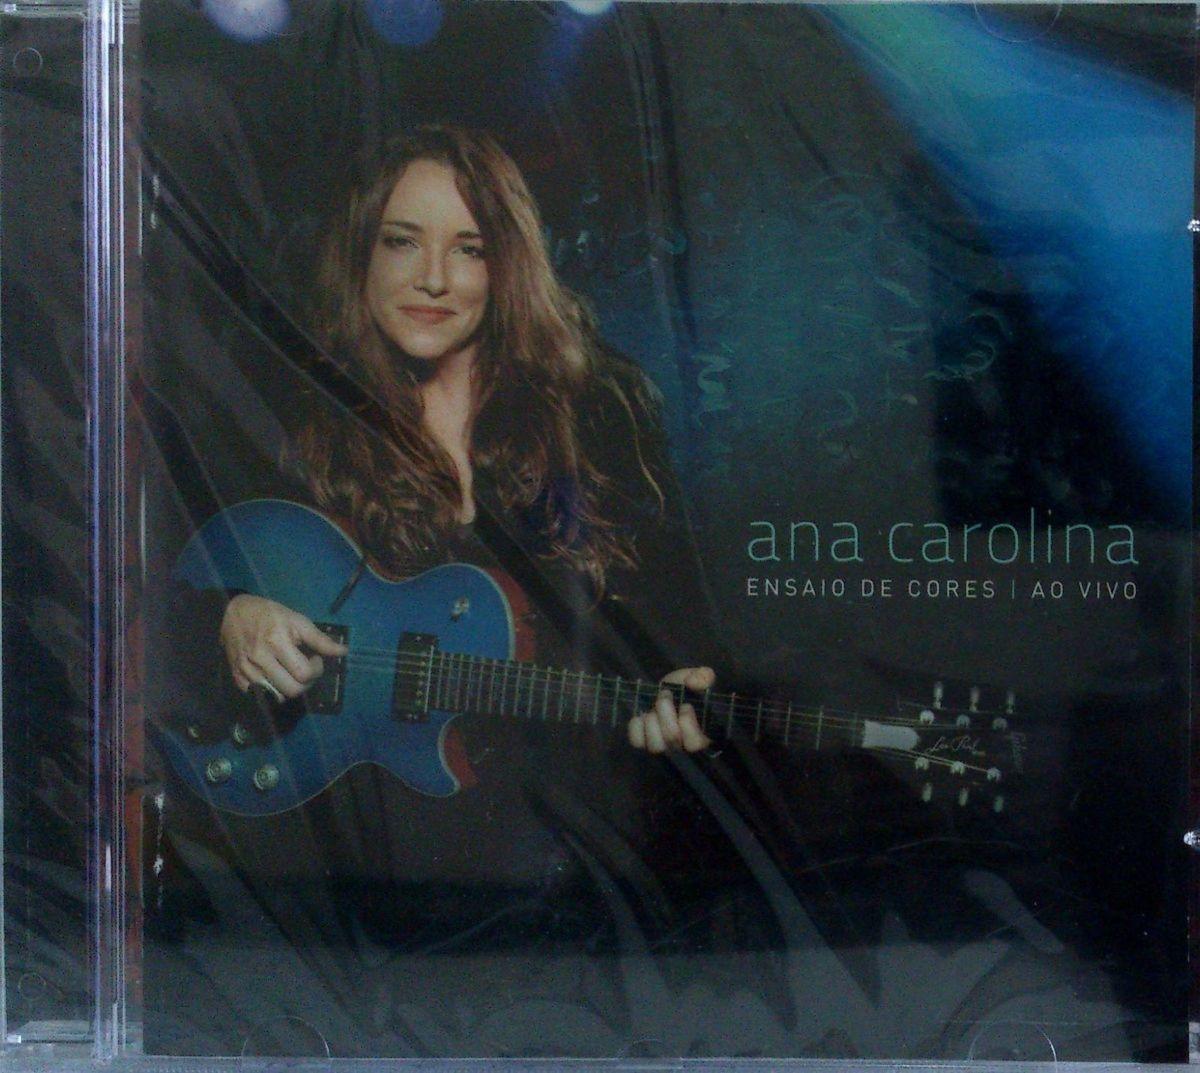 cd ana carolina - ensaio de cores - ao vivo - cd lacrado - música sem adb404fbcbb